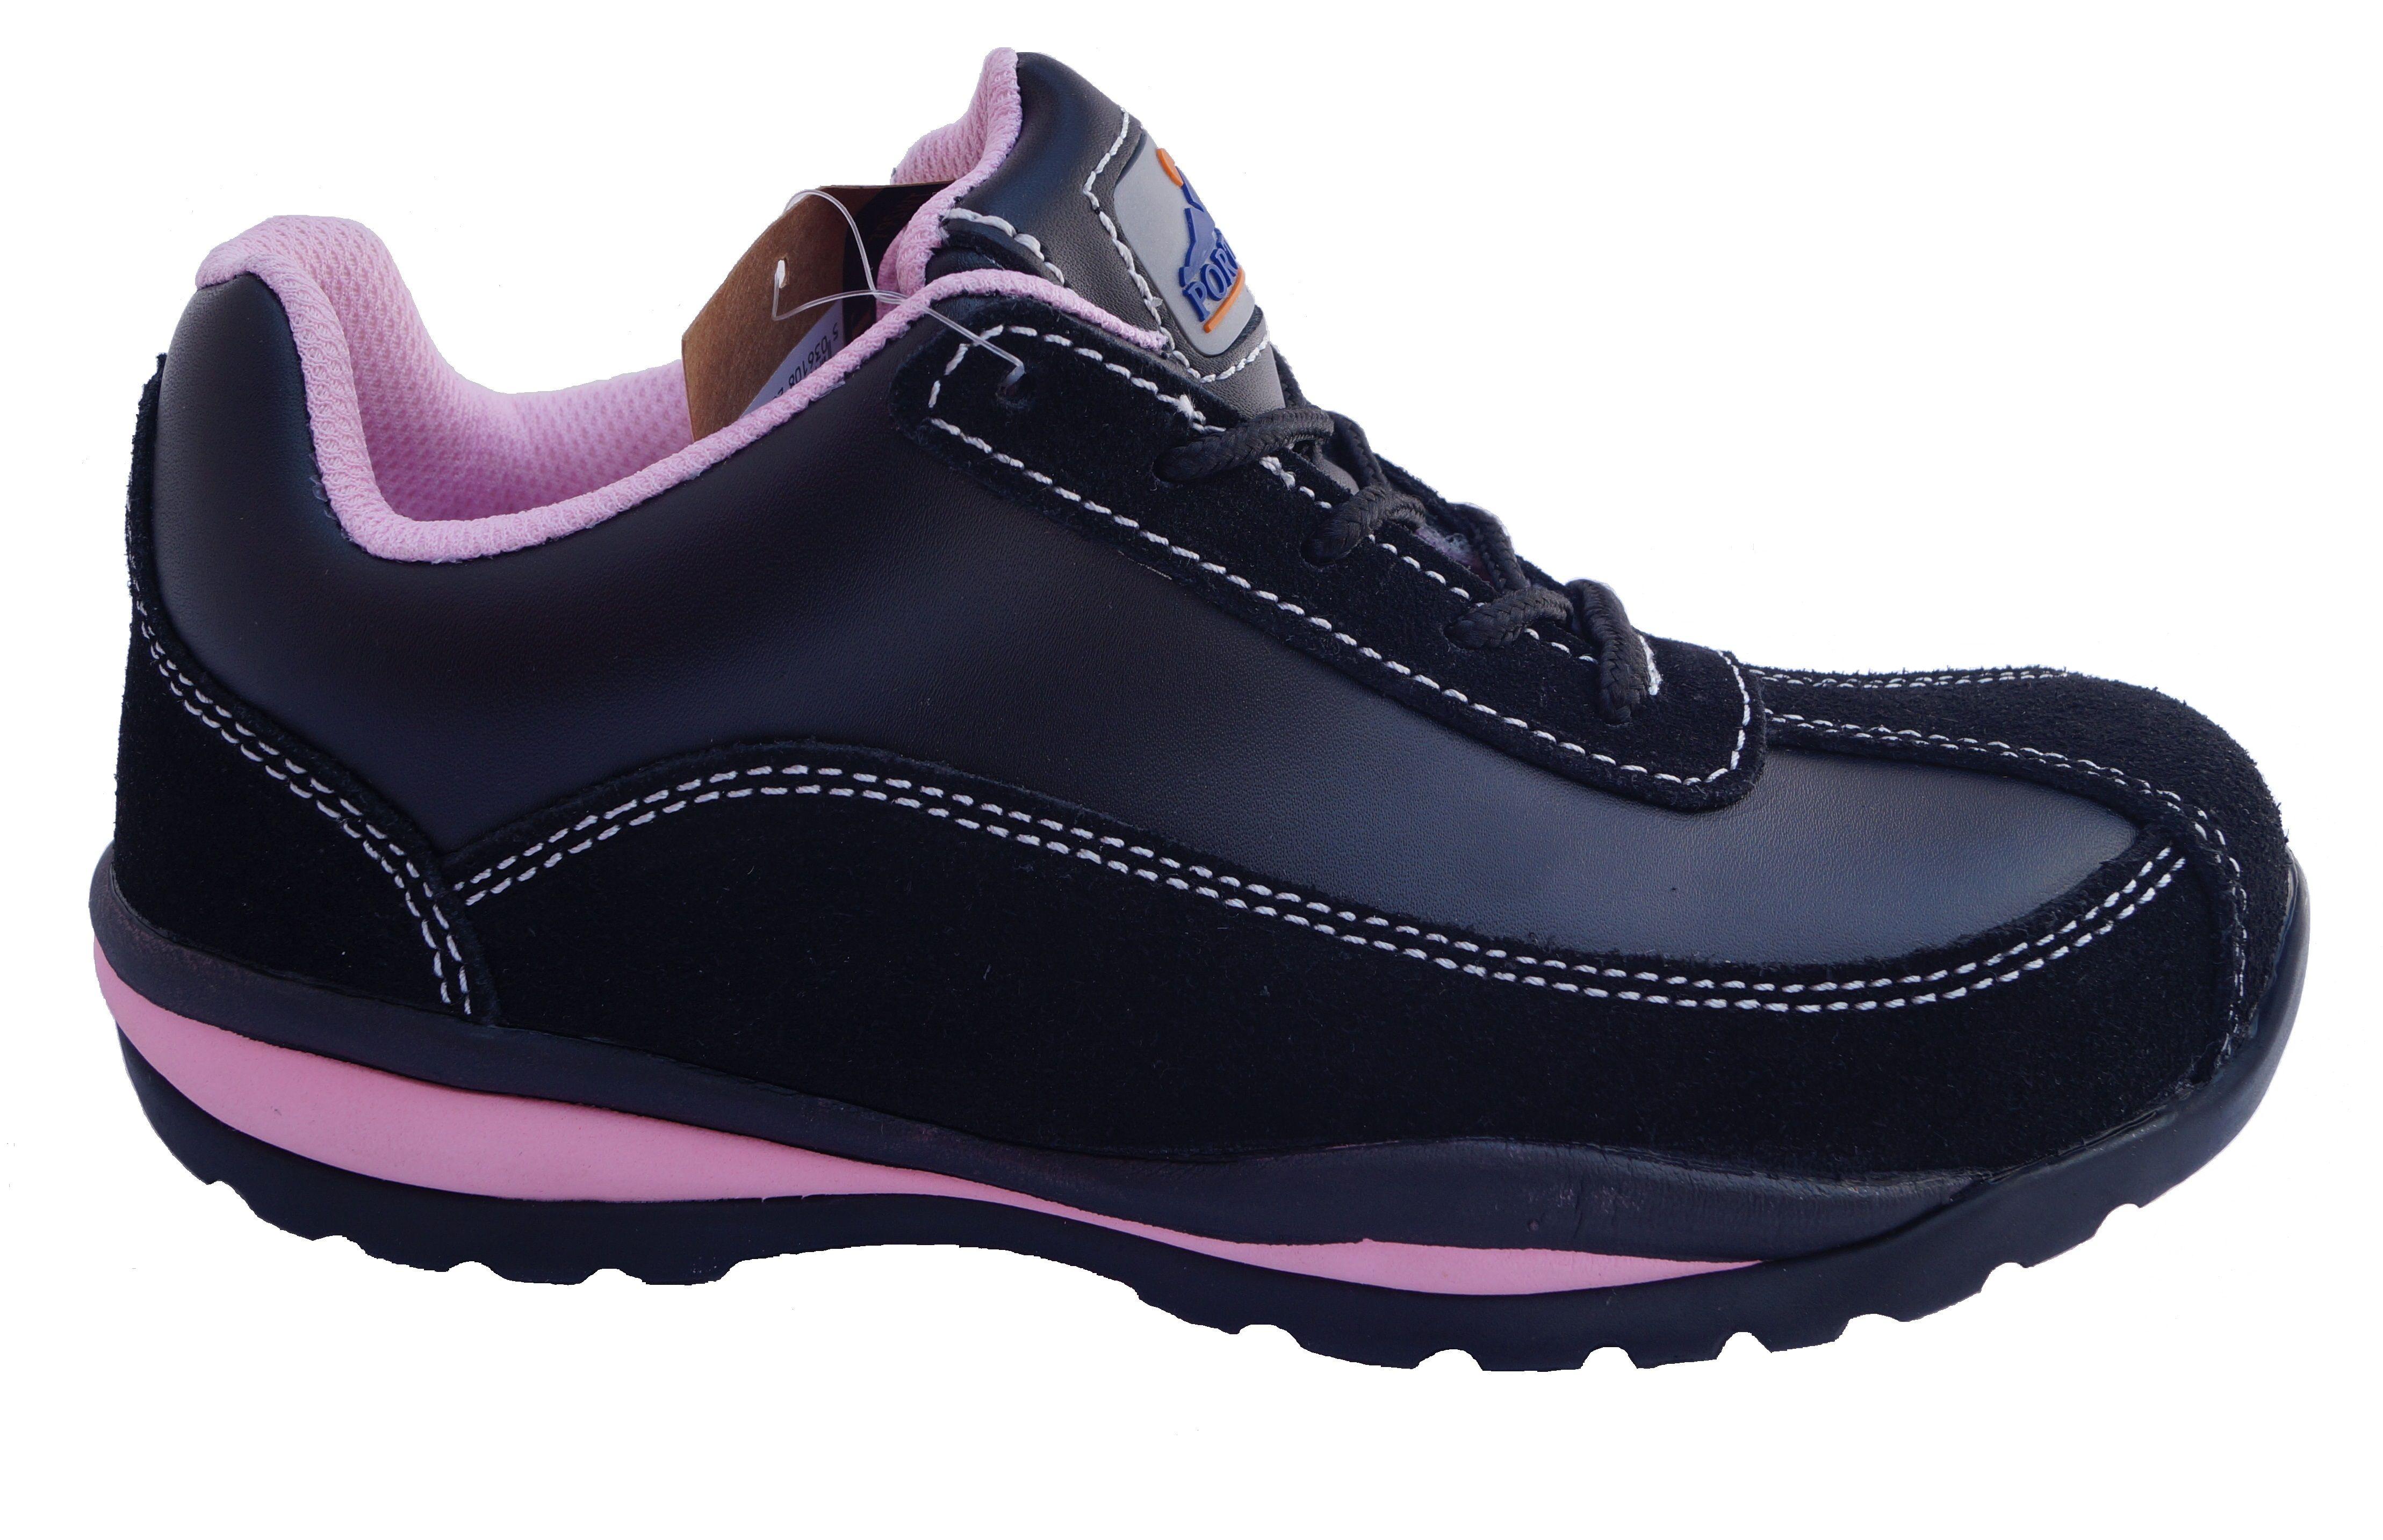 Zapatos Mujer Para Seguridad De 0mnvw8noy Skechers VGSMzUqpL